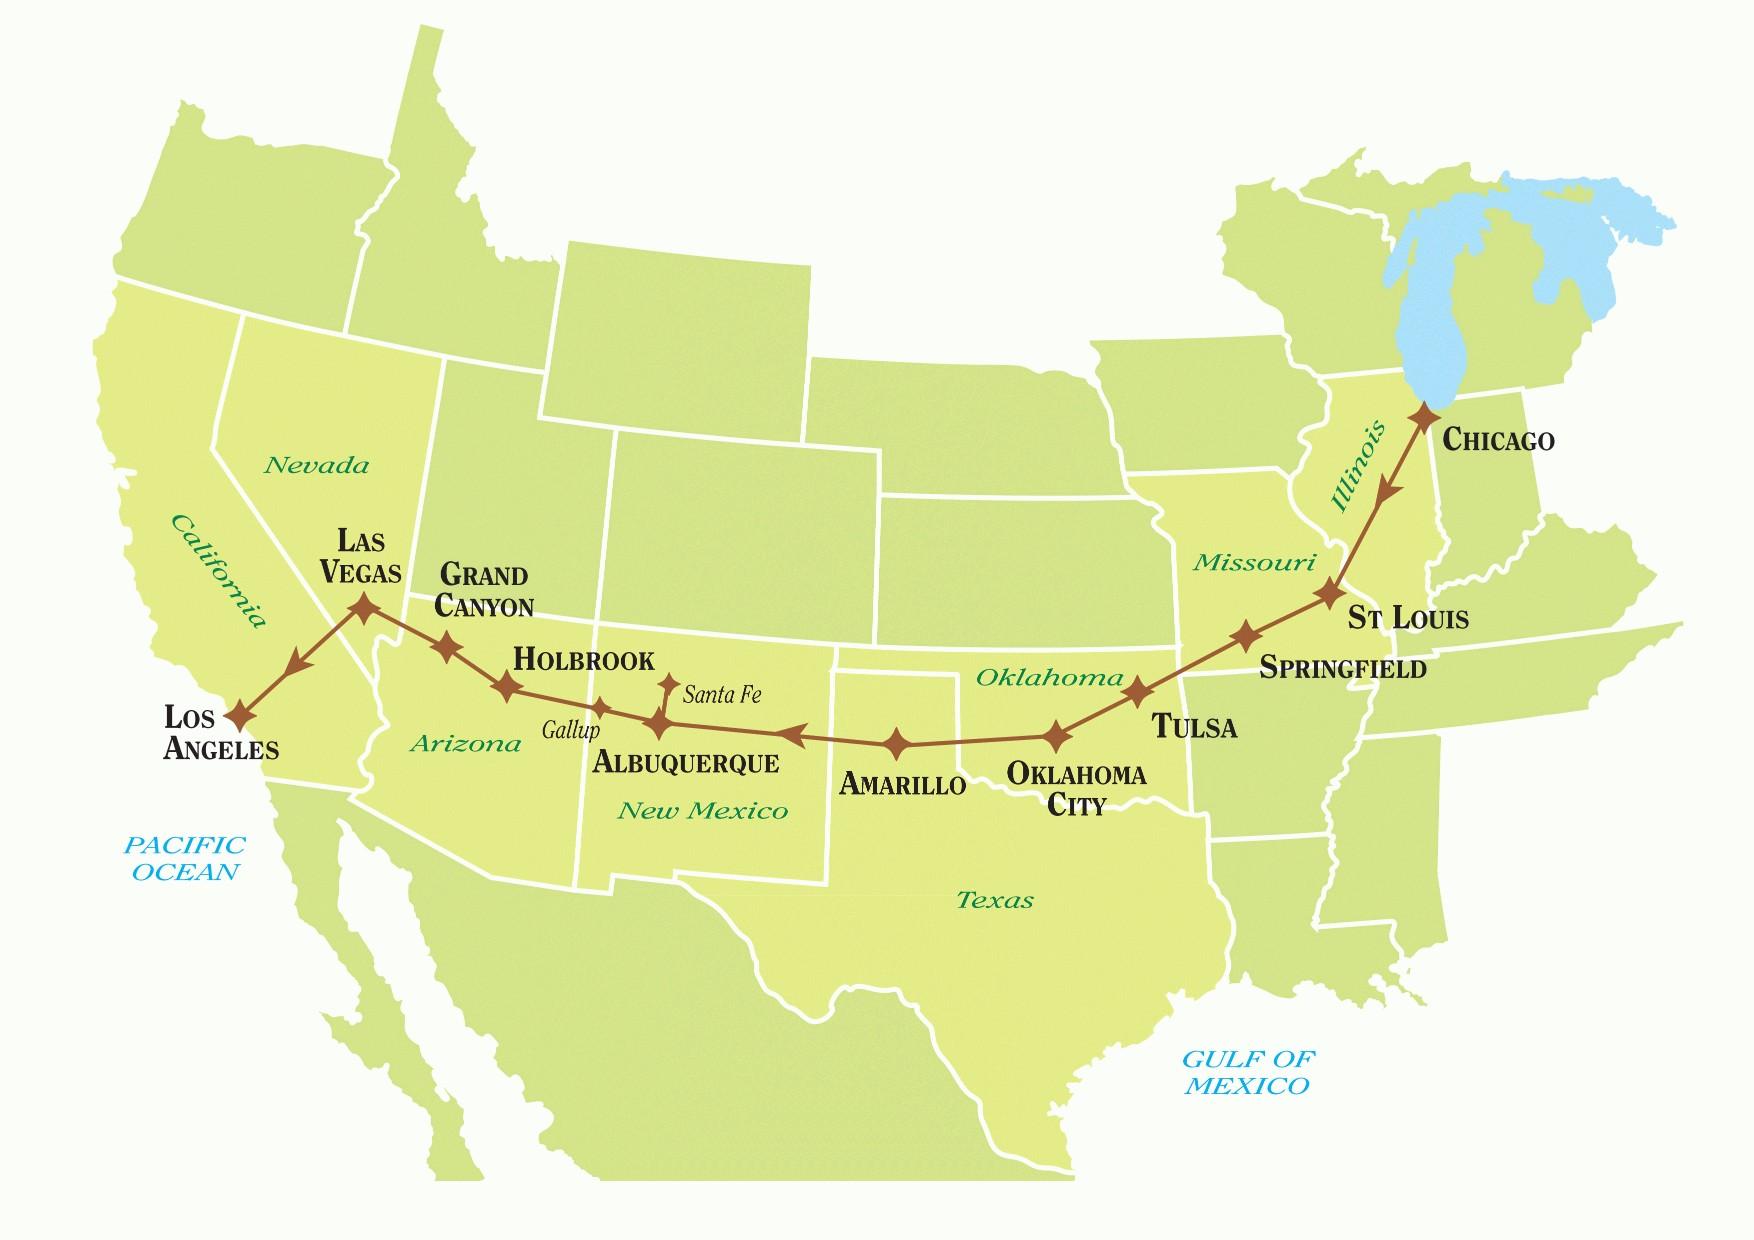 Ingyenes indiai társkereső oldalak az Egyesült Államokban